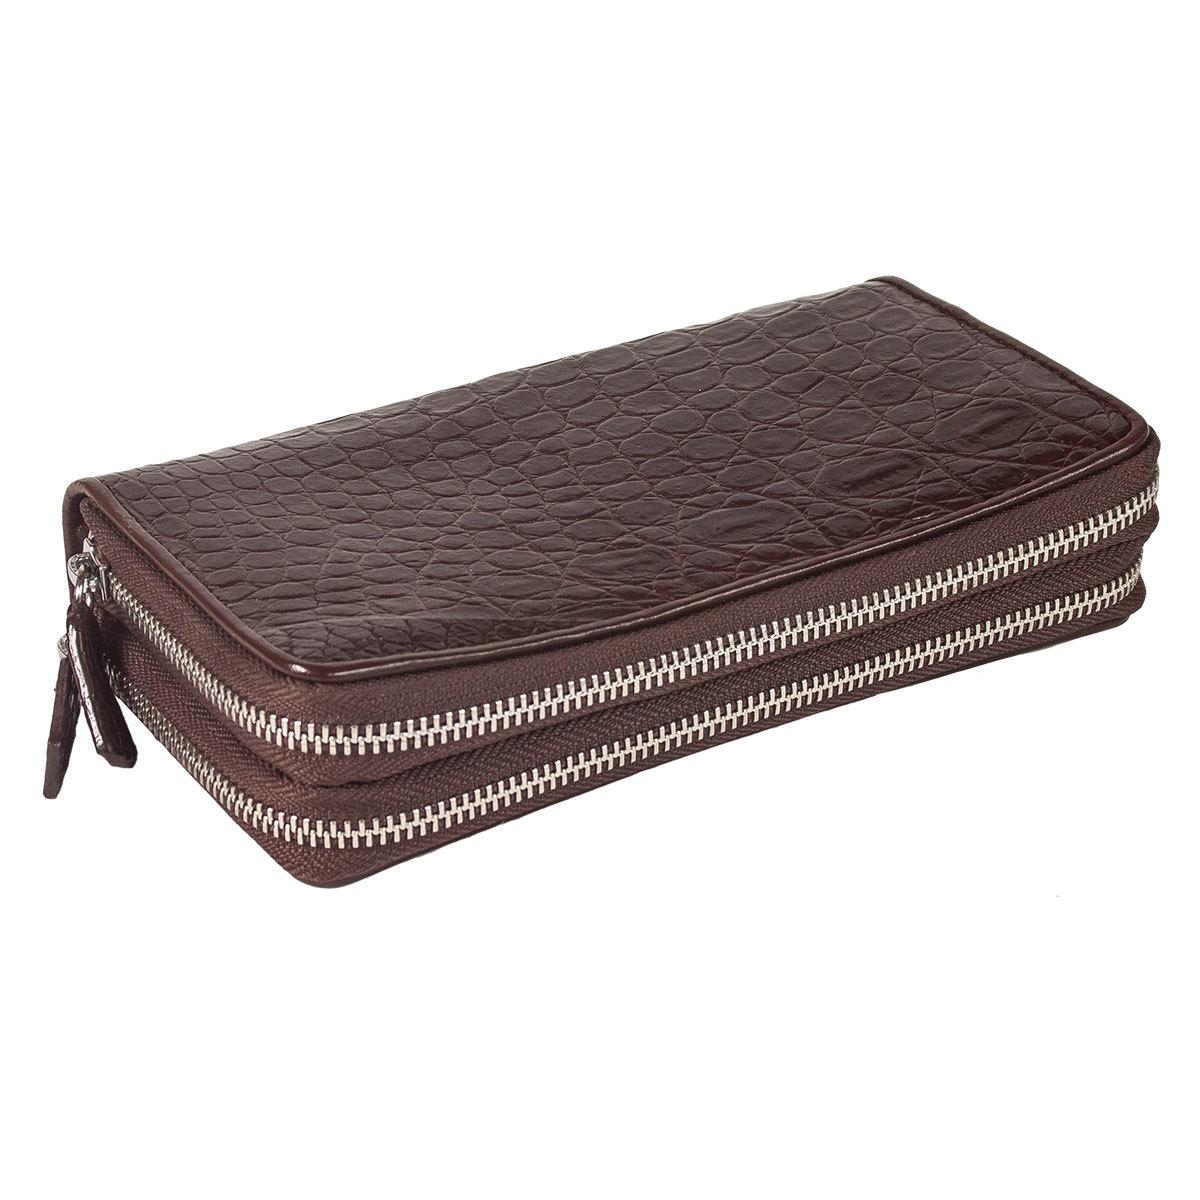 07f6f8a10c5e Мужские сумки, портфели и барсетки из экзотической кожи